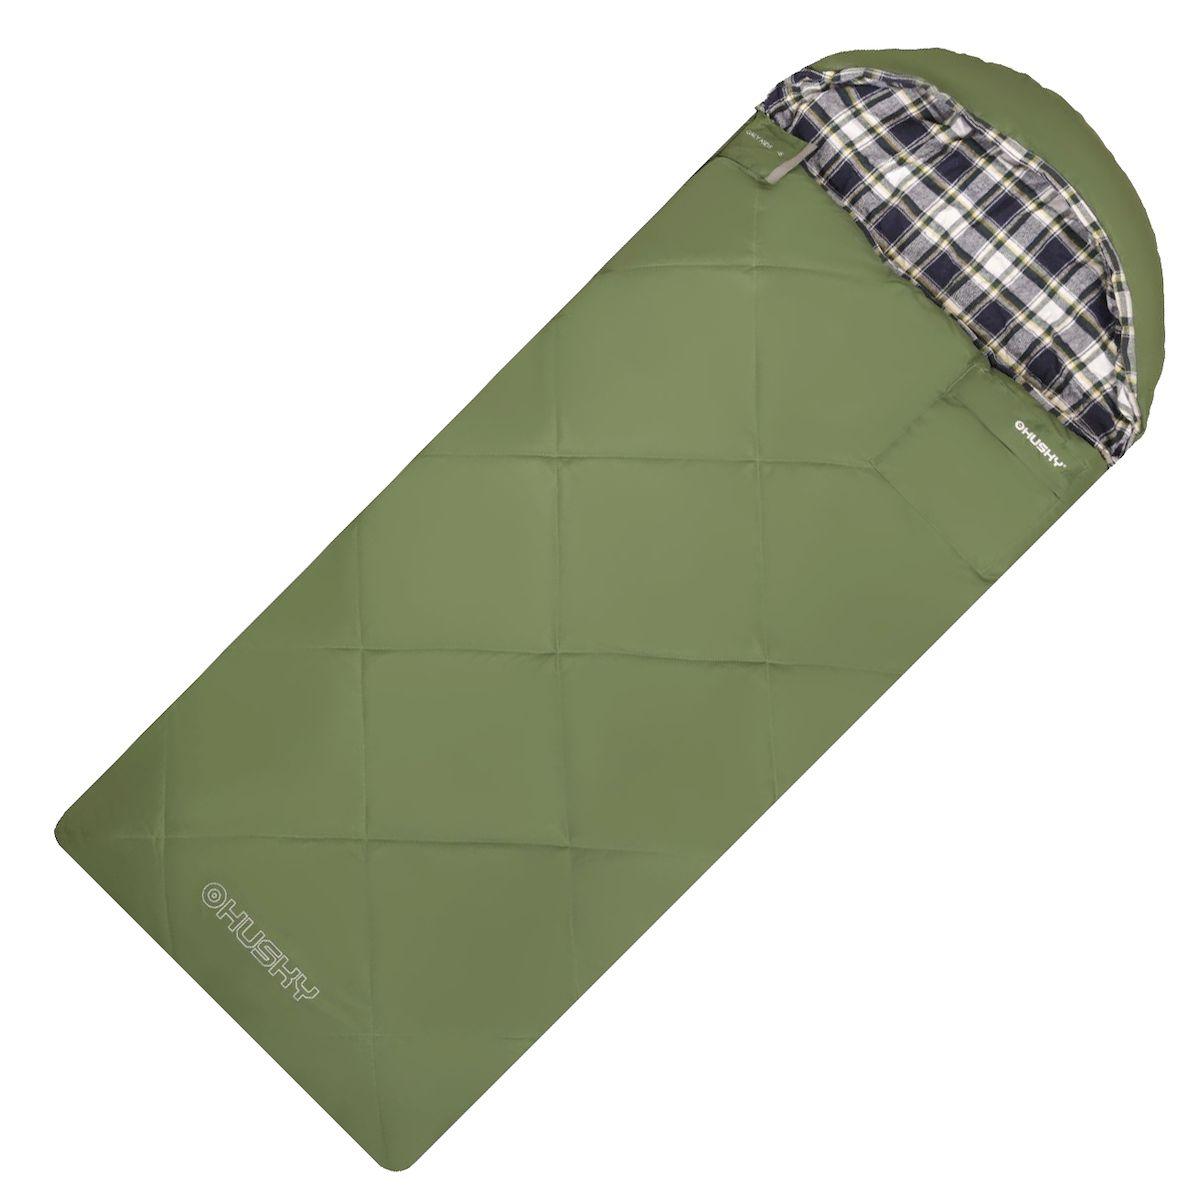 Спальник - одеяло Husky GALY KIDS -5С, левая молния, цвет: зеленыйУТ-000069841Спальник-одеяло с подголовником детский до -5°C (НОВИНКА) GALY KIDS Двухслойный детский спальный мешок-одеяло для кемпинга. Утеплитель из 4-х канального холофайбера, превосходная комбинация теплового комфорта с комфортом традиционного спального мешка-одеяла. Galy можно использовать не только на природе, но и в помещении как традиционное одеяло. Размеры: 70х170 см Размеры в сложенном виде: 44х35х14 см Вес: 1800 г Экстремальная температура: -5 С Комфортная температура: -0 С ... +5 С - Внешний материал: Pongee 75D 210T (лен) - Внутренний материал: флис (полиэстер) - Утеплитель: 2 слоя 150 г/м2 HollowFibre, - Конструкция: два слоя - Компрессионный мешок - Петли для сушки